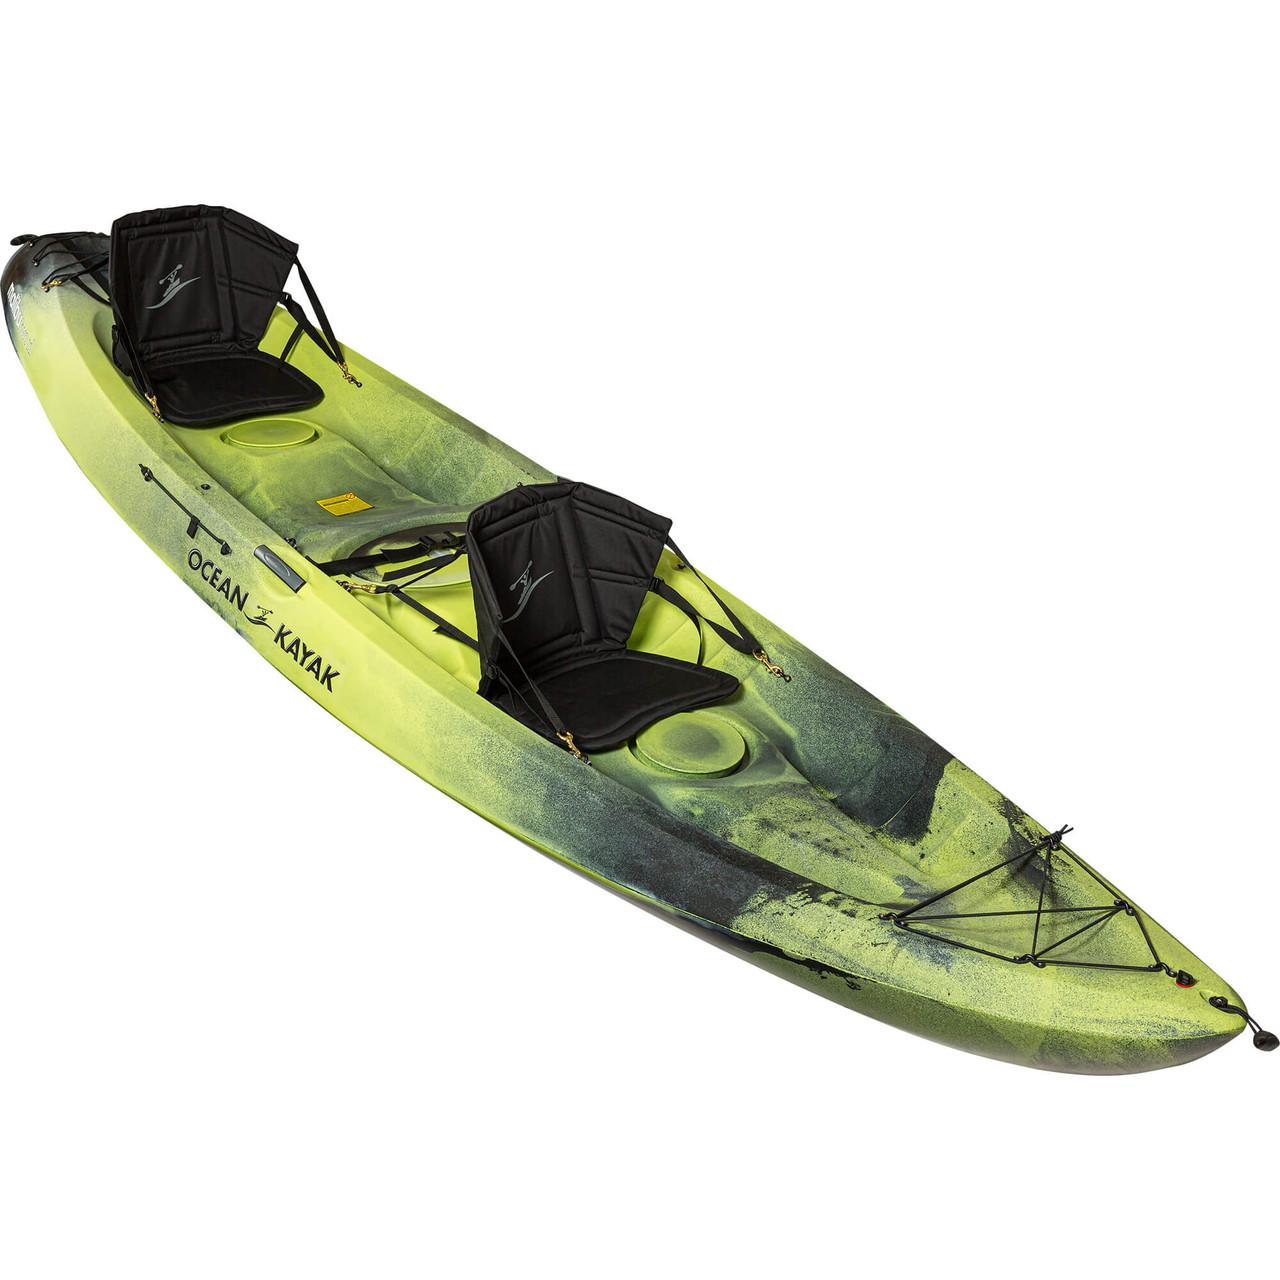 Ocean Kayak Malibu Two XL lemon grass